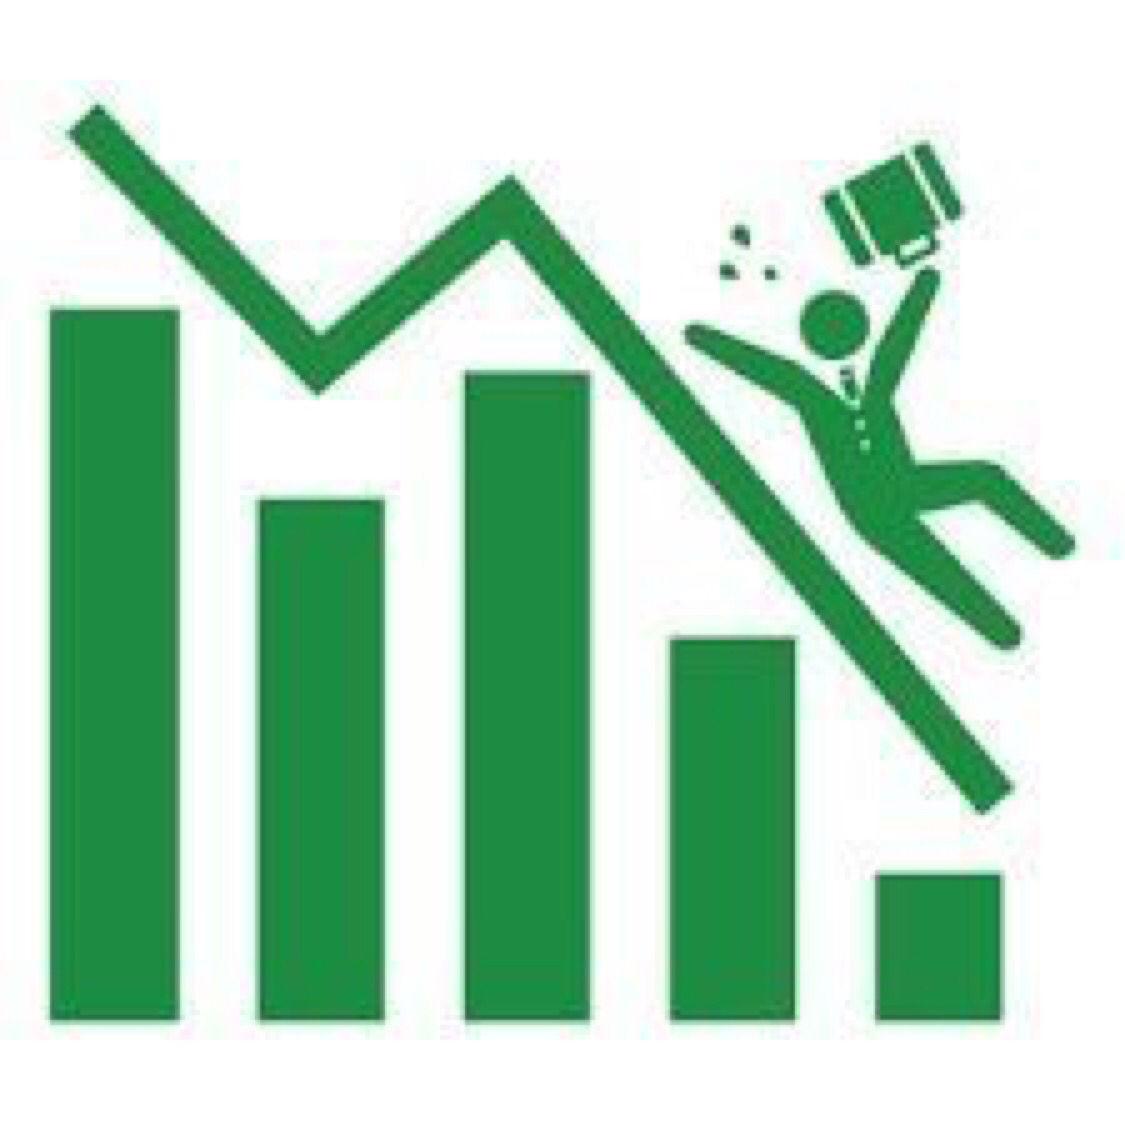 998407 - 日経平均株価 今日の日本株がこういうことに 成らないように願いたい・・・・